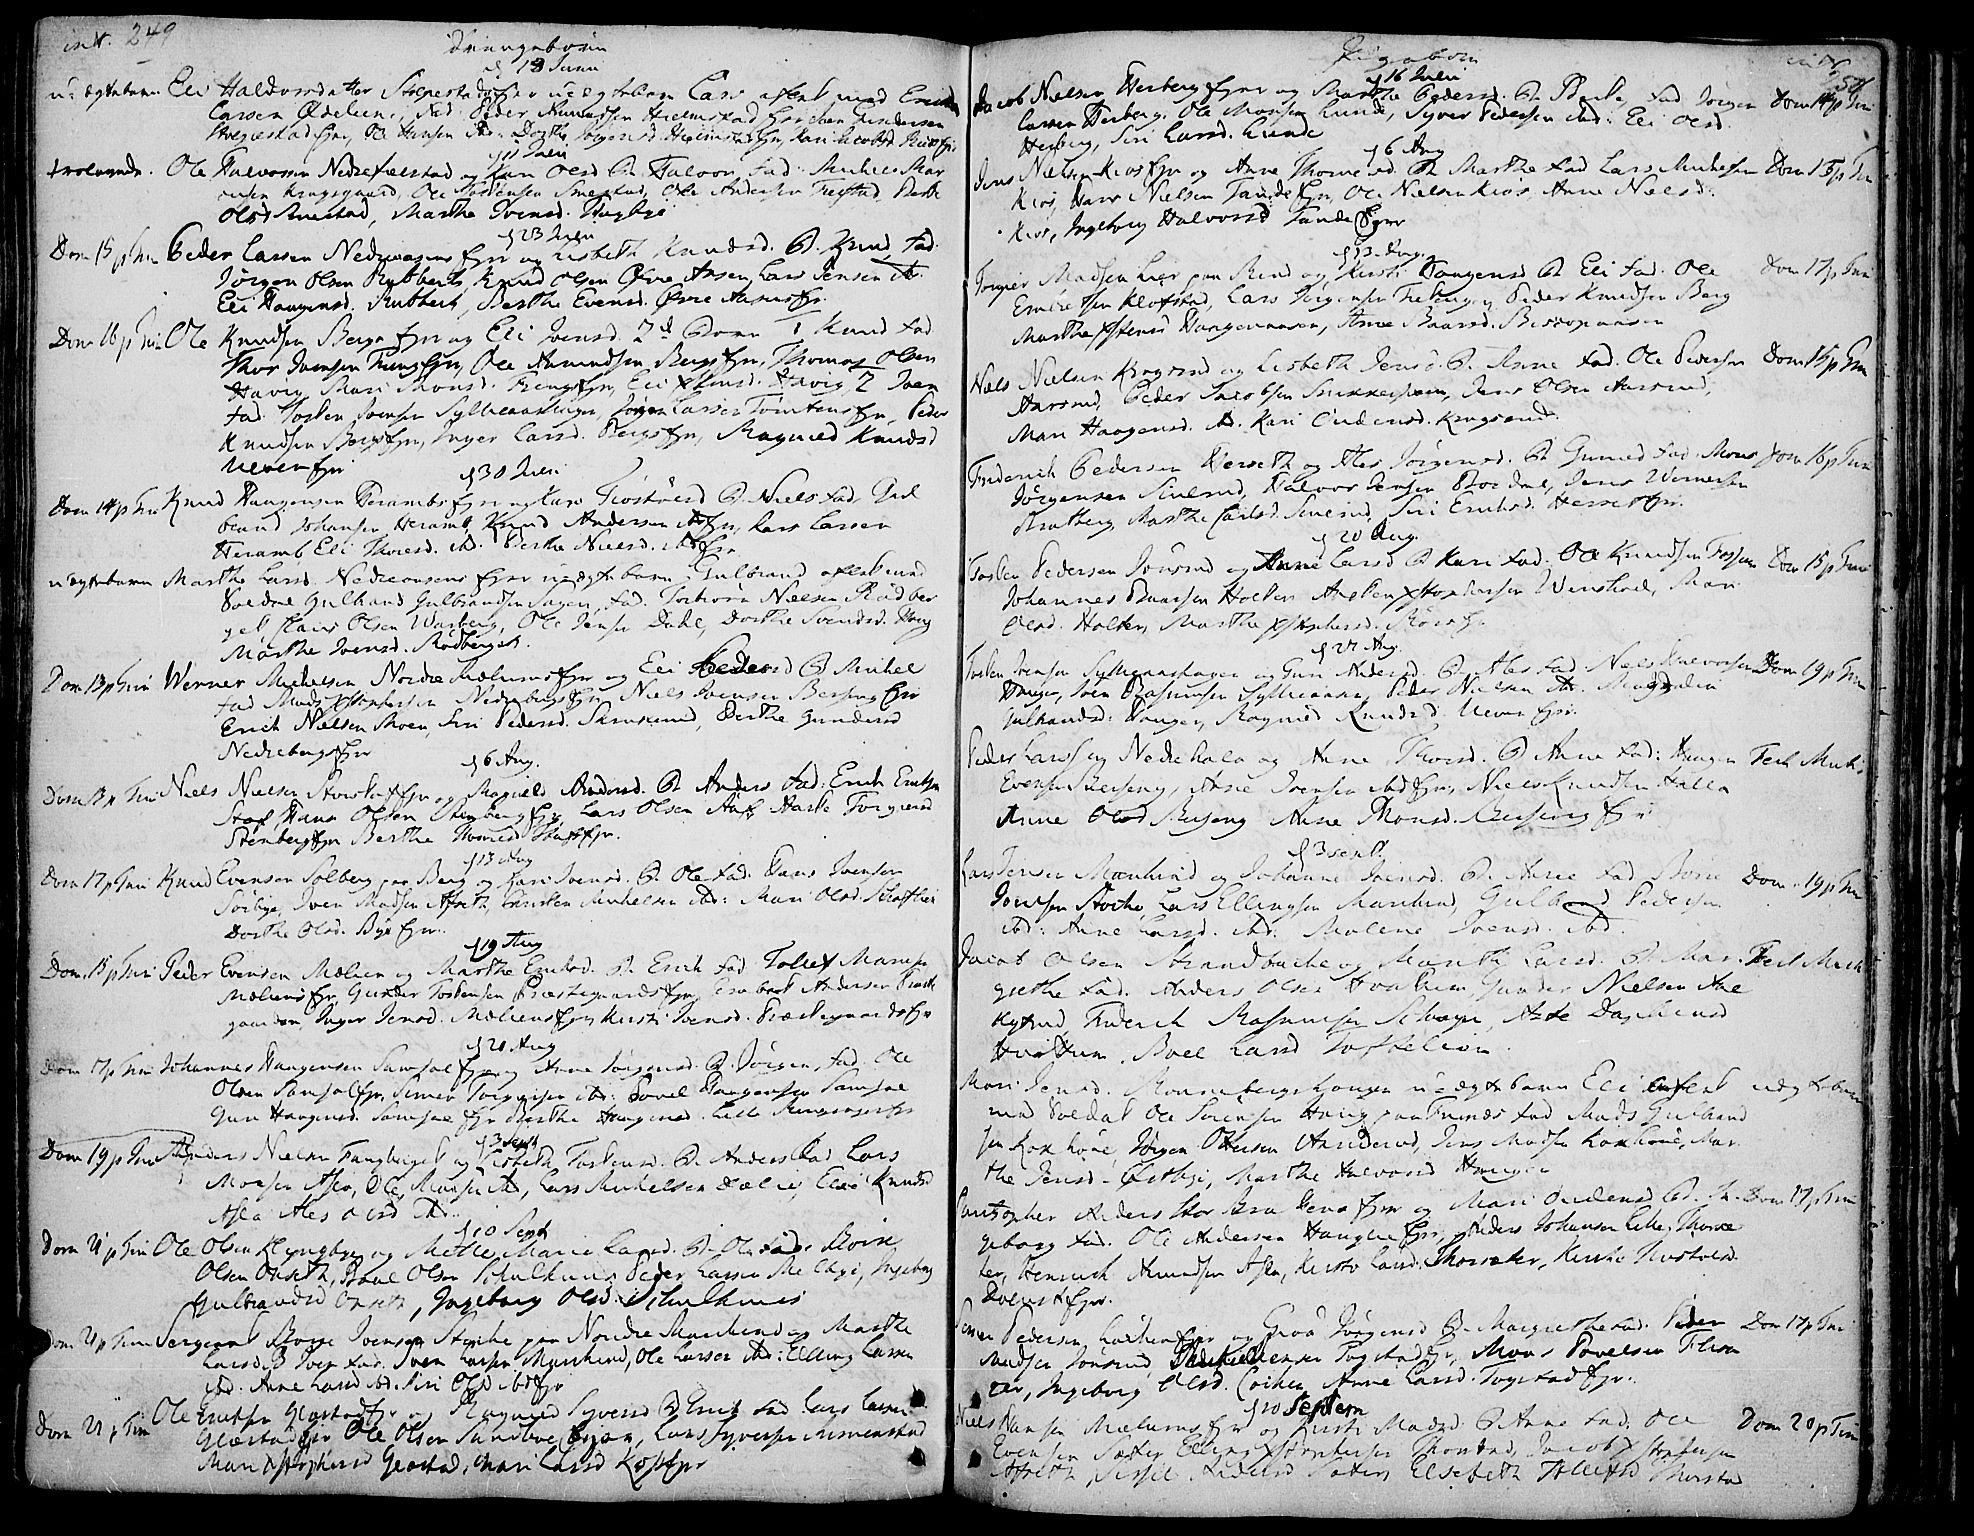 SAH, Ringsaker prestekontor, K/Ka/L0002: Ministerialbok nr. 2, 1747-1774, s. 249-250